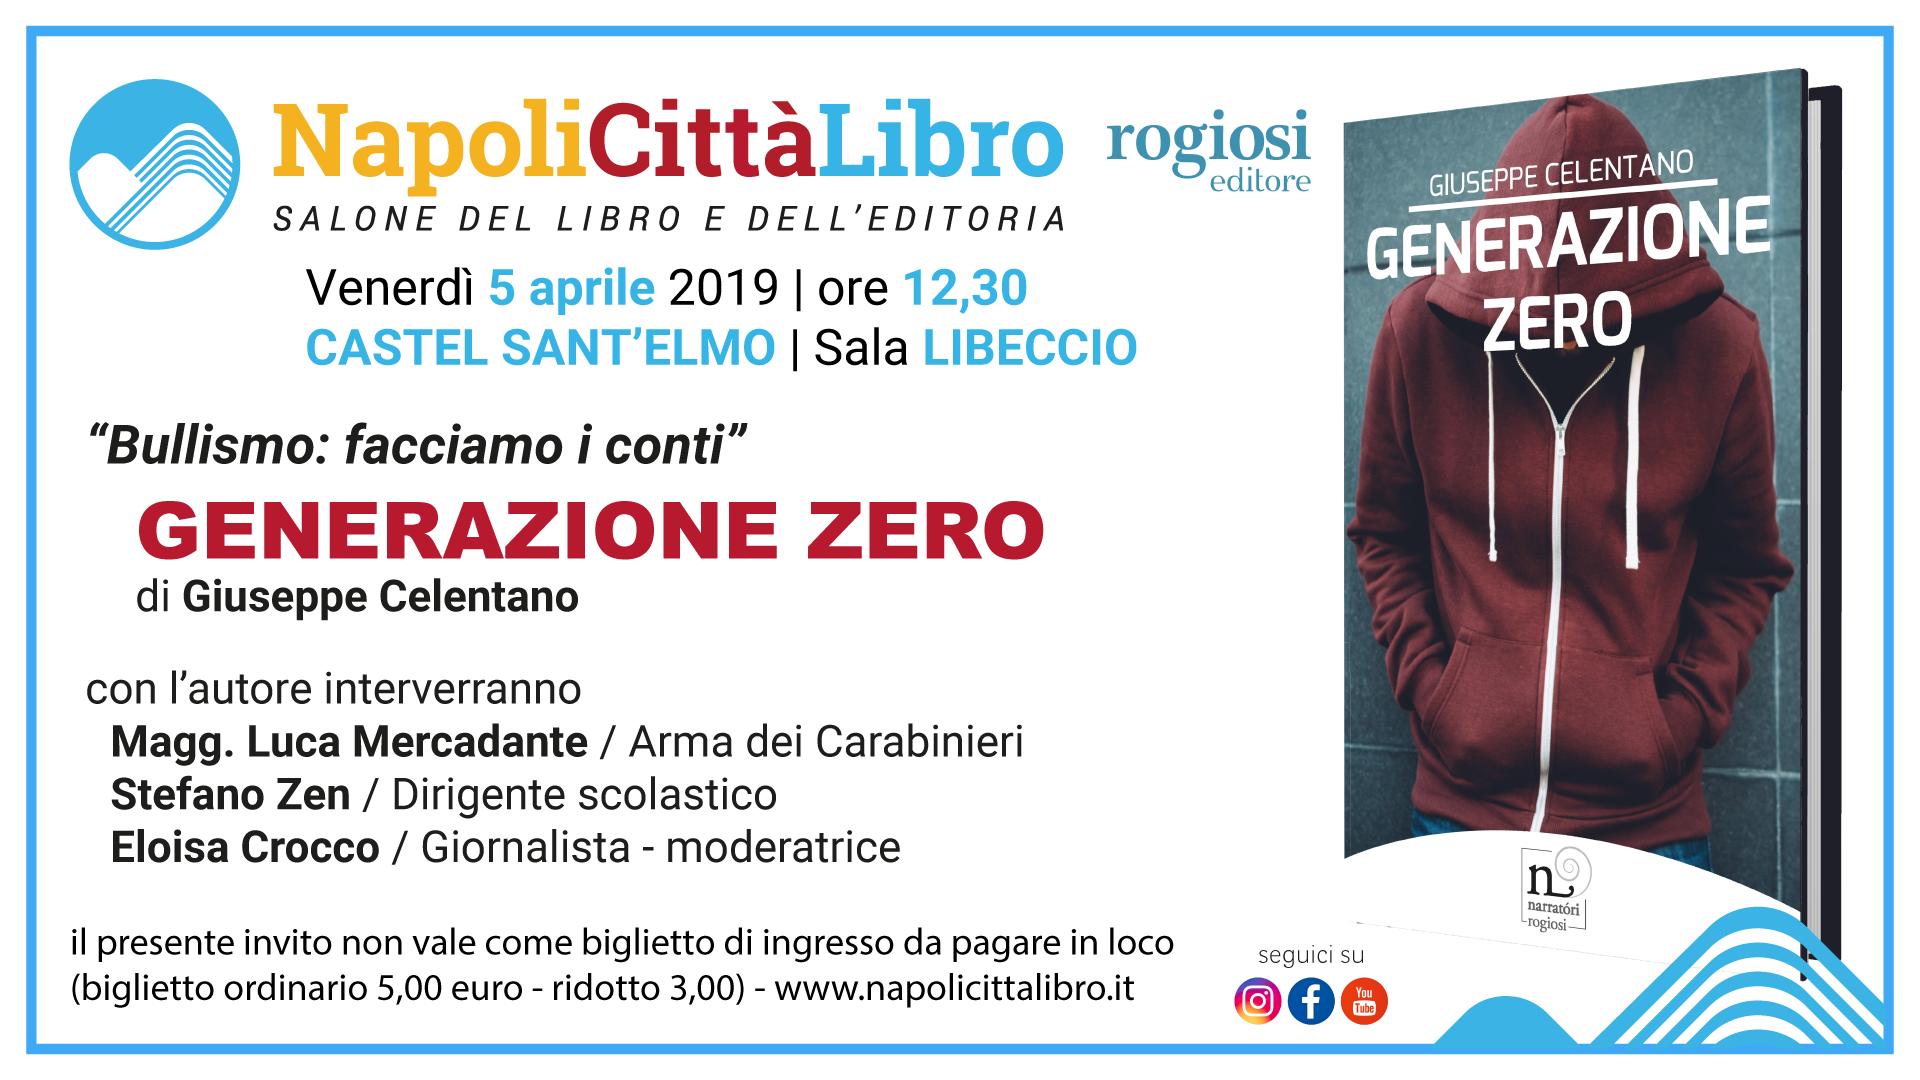 Generazione Zero di Giuseppe Celentano – 5 Aprile – NapoliCittàLibro